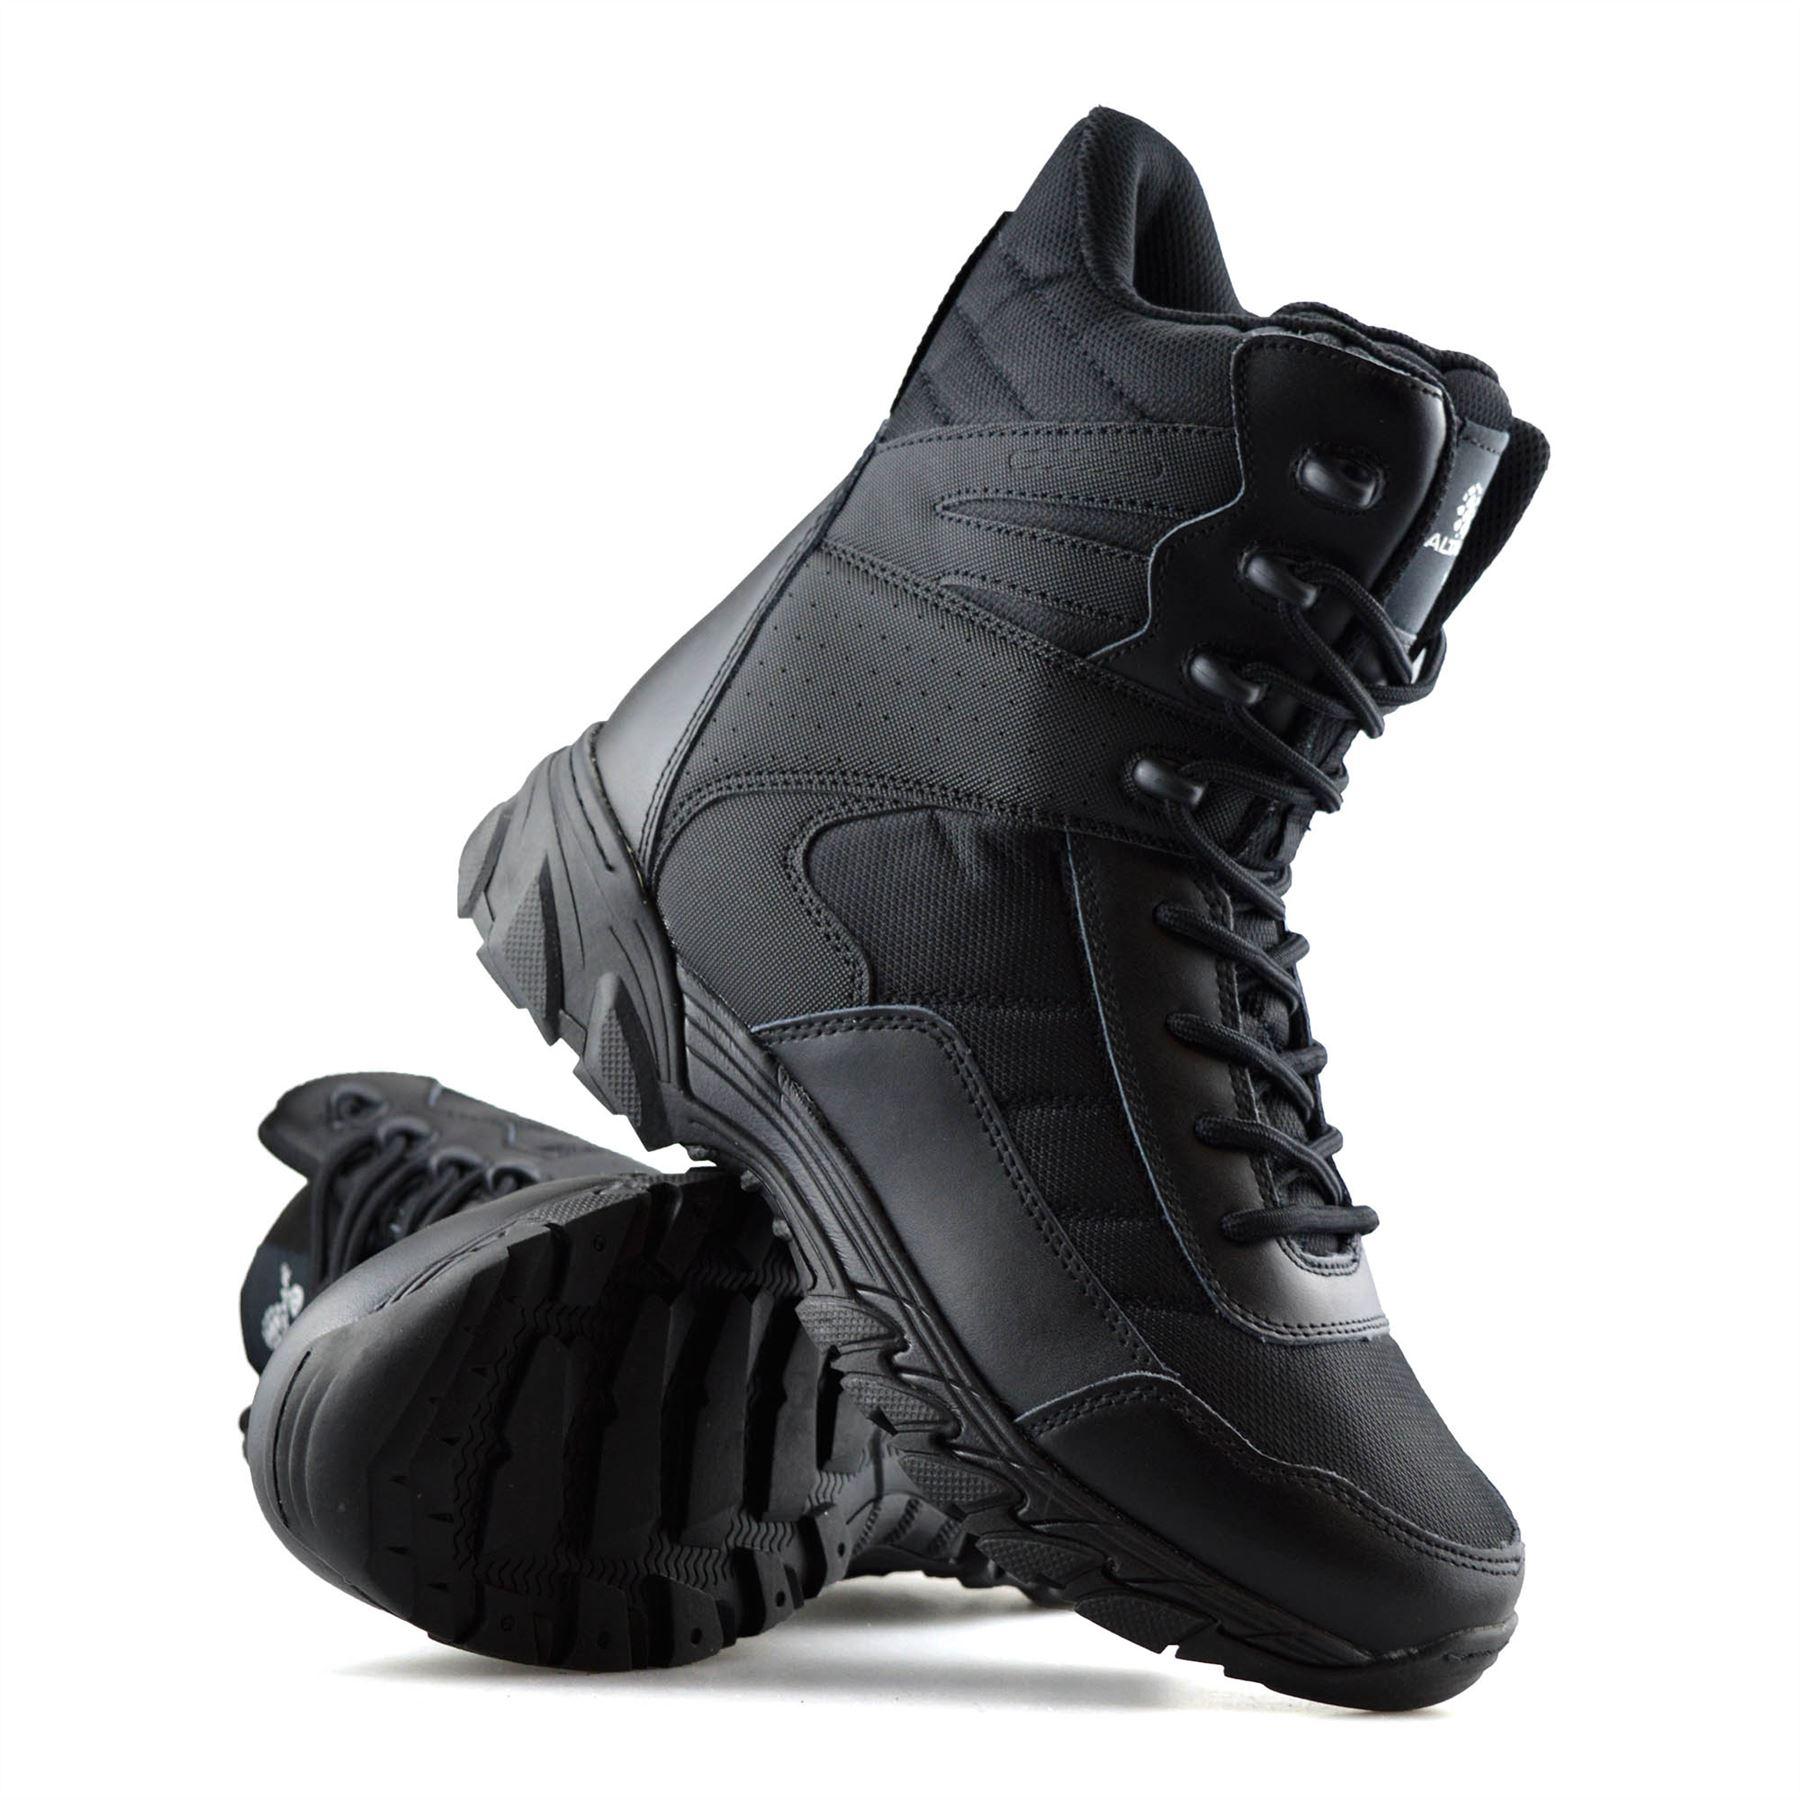 Homme-en-cuir-neuve-Militaire-Armee-Combat-Marche-Travail-Fermeture-Eclair-Cheville-Bottes miniature 14